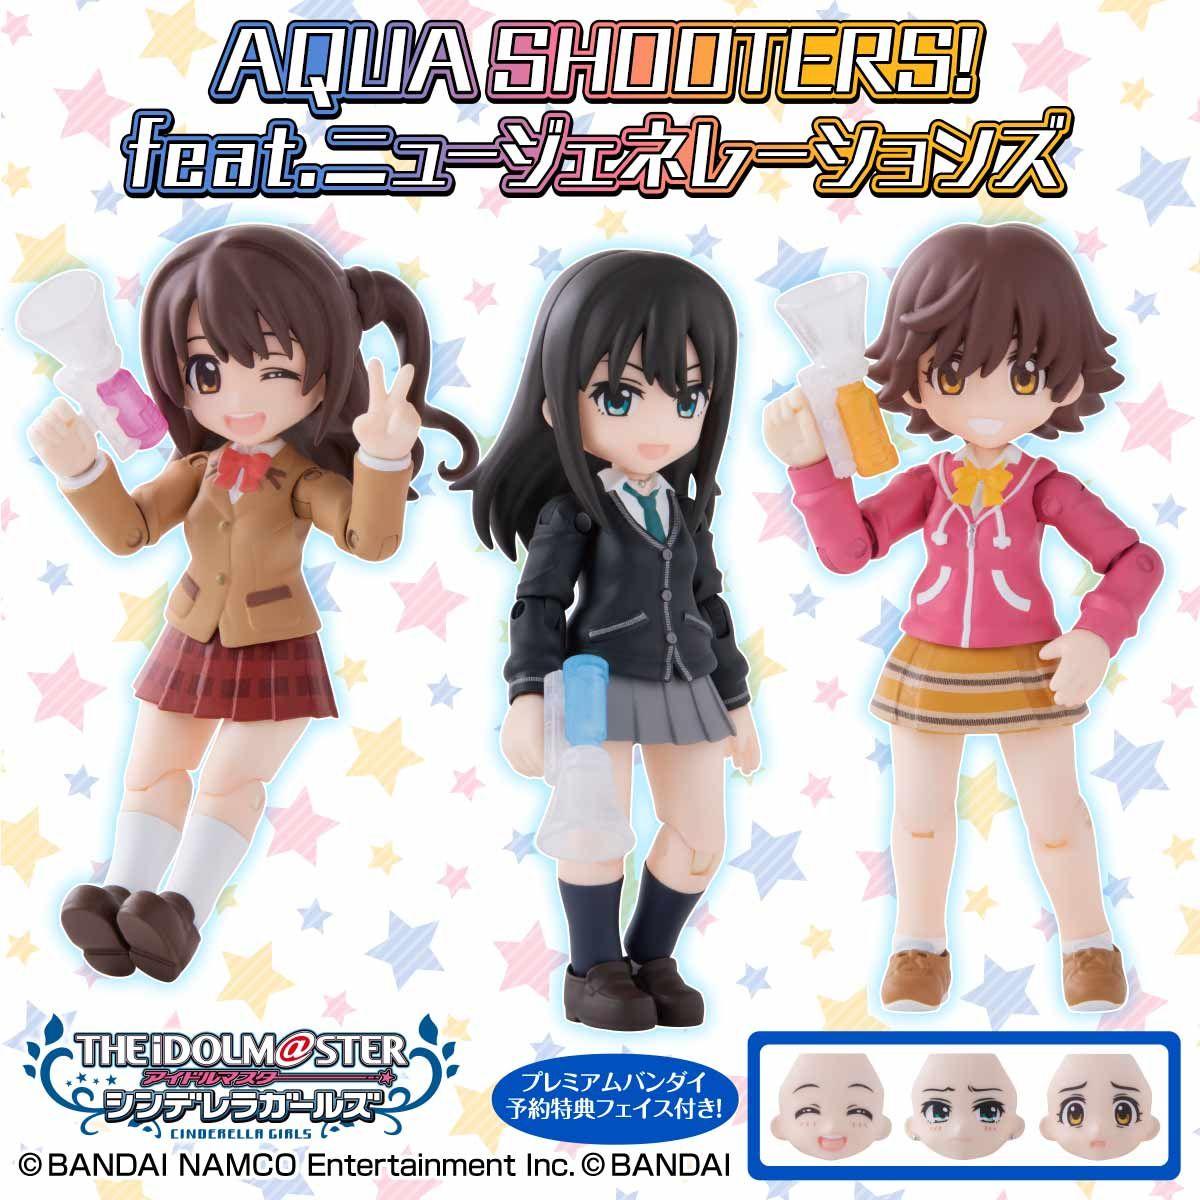 アクアシューターズ!『AQUA SHOOTERS! feat.ニュージェネレーションズ』3個入りBOX-001